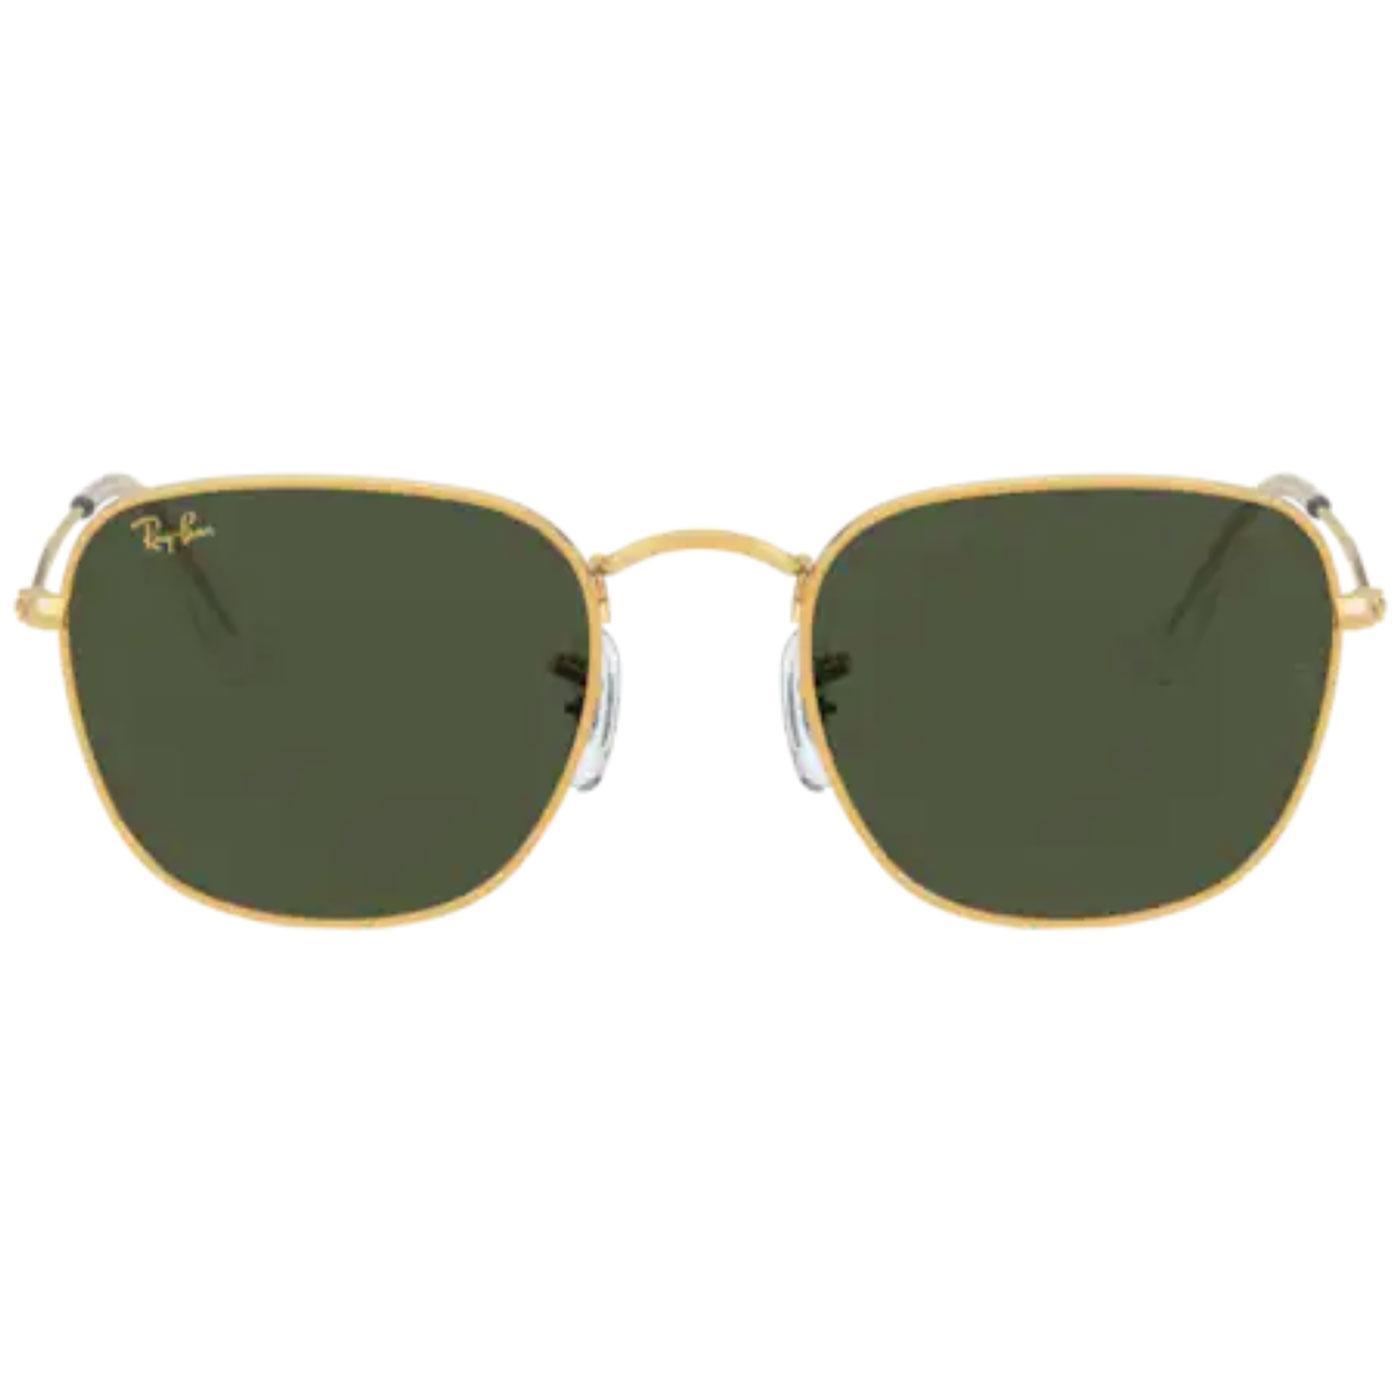 Frank RAY-BAN Men's Retro 90s Square Sunglasses GG